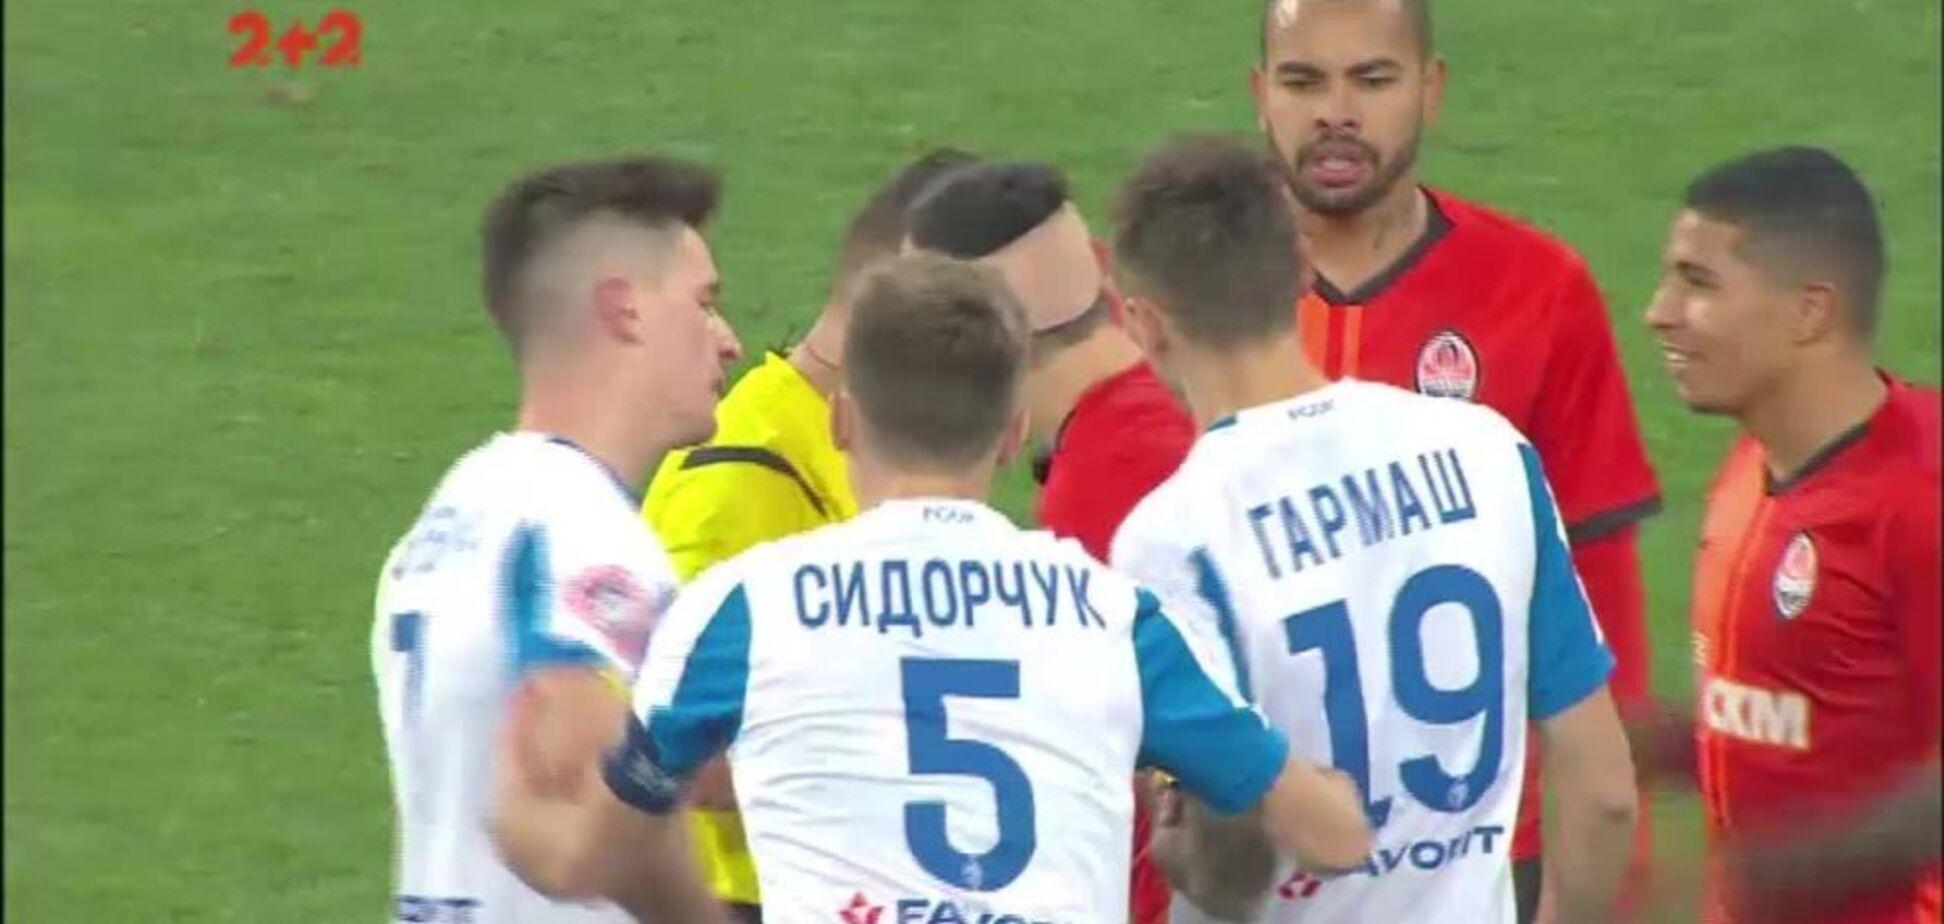 'Перепуганный': Степаненко не сдержался после матча с 'Динамо'